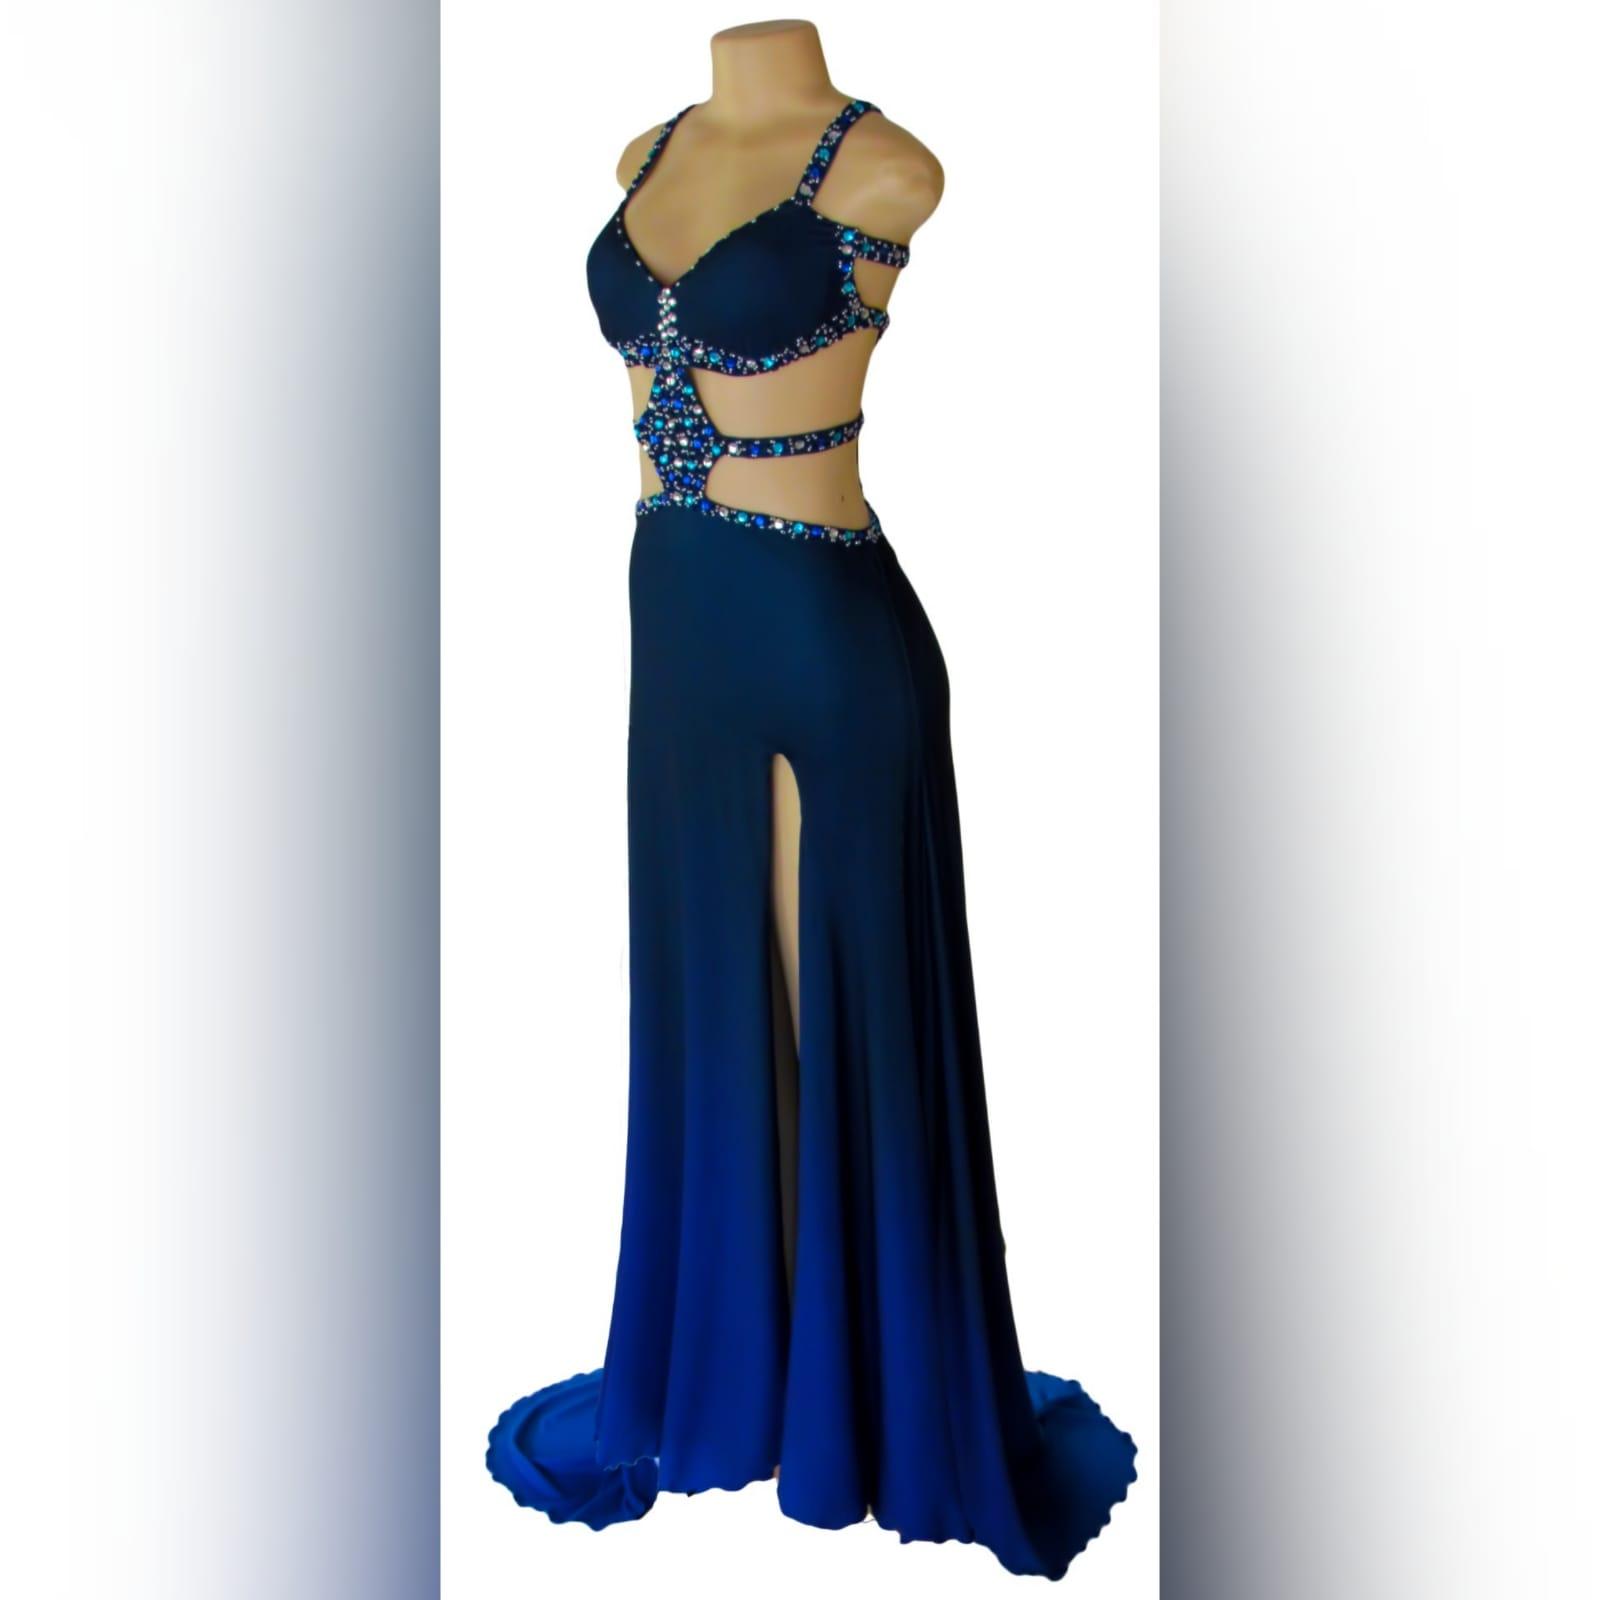 Vestido de finalista sexy azul com pedras 8 vestido de finalista sexy azul com pedras. Com uma racha e uma cauda. Com aberturas na barriga e nas costas detalhadas com pedras prateadas, azuis e turquesa. Vestido com vários tons de azul.